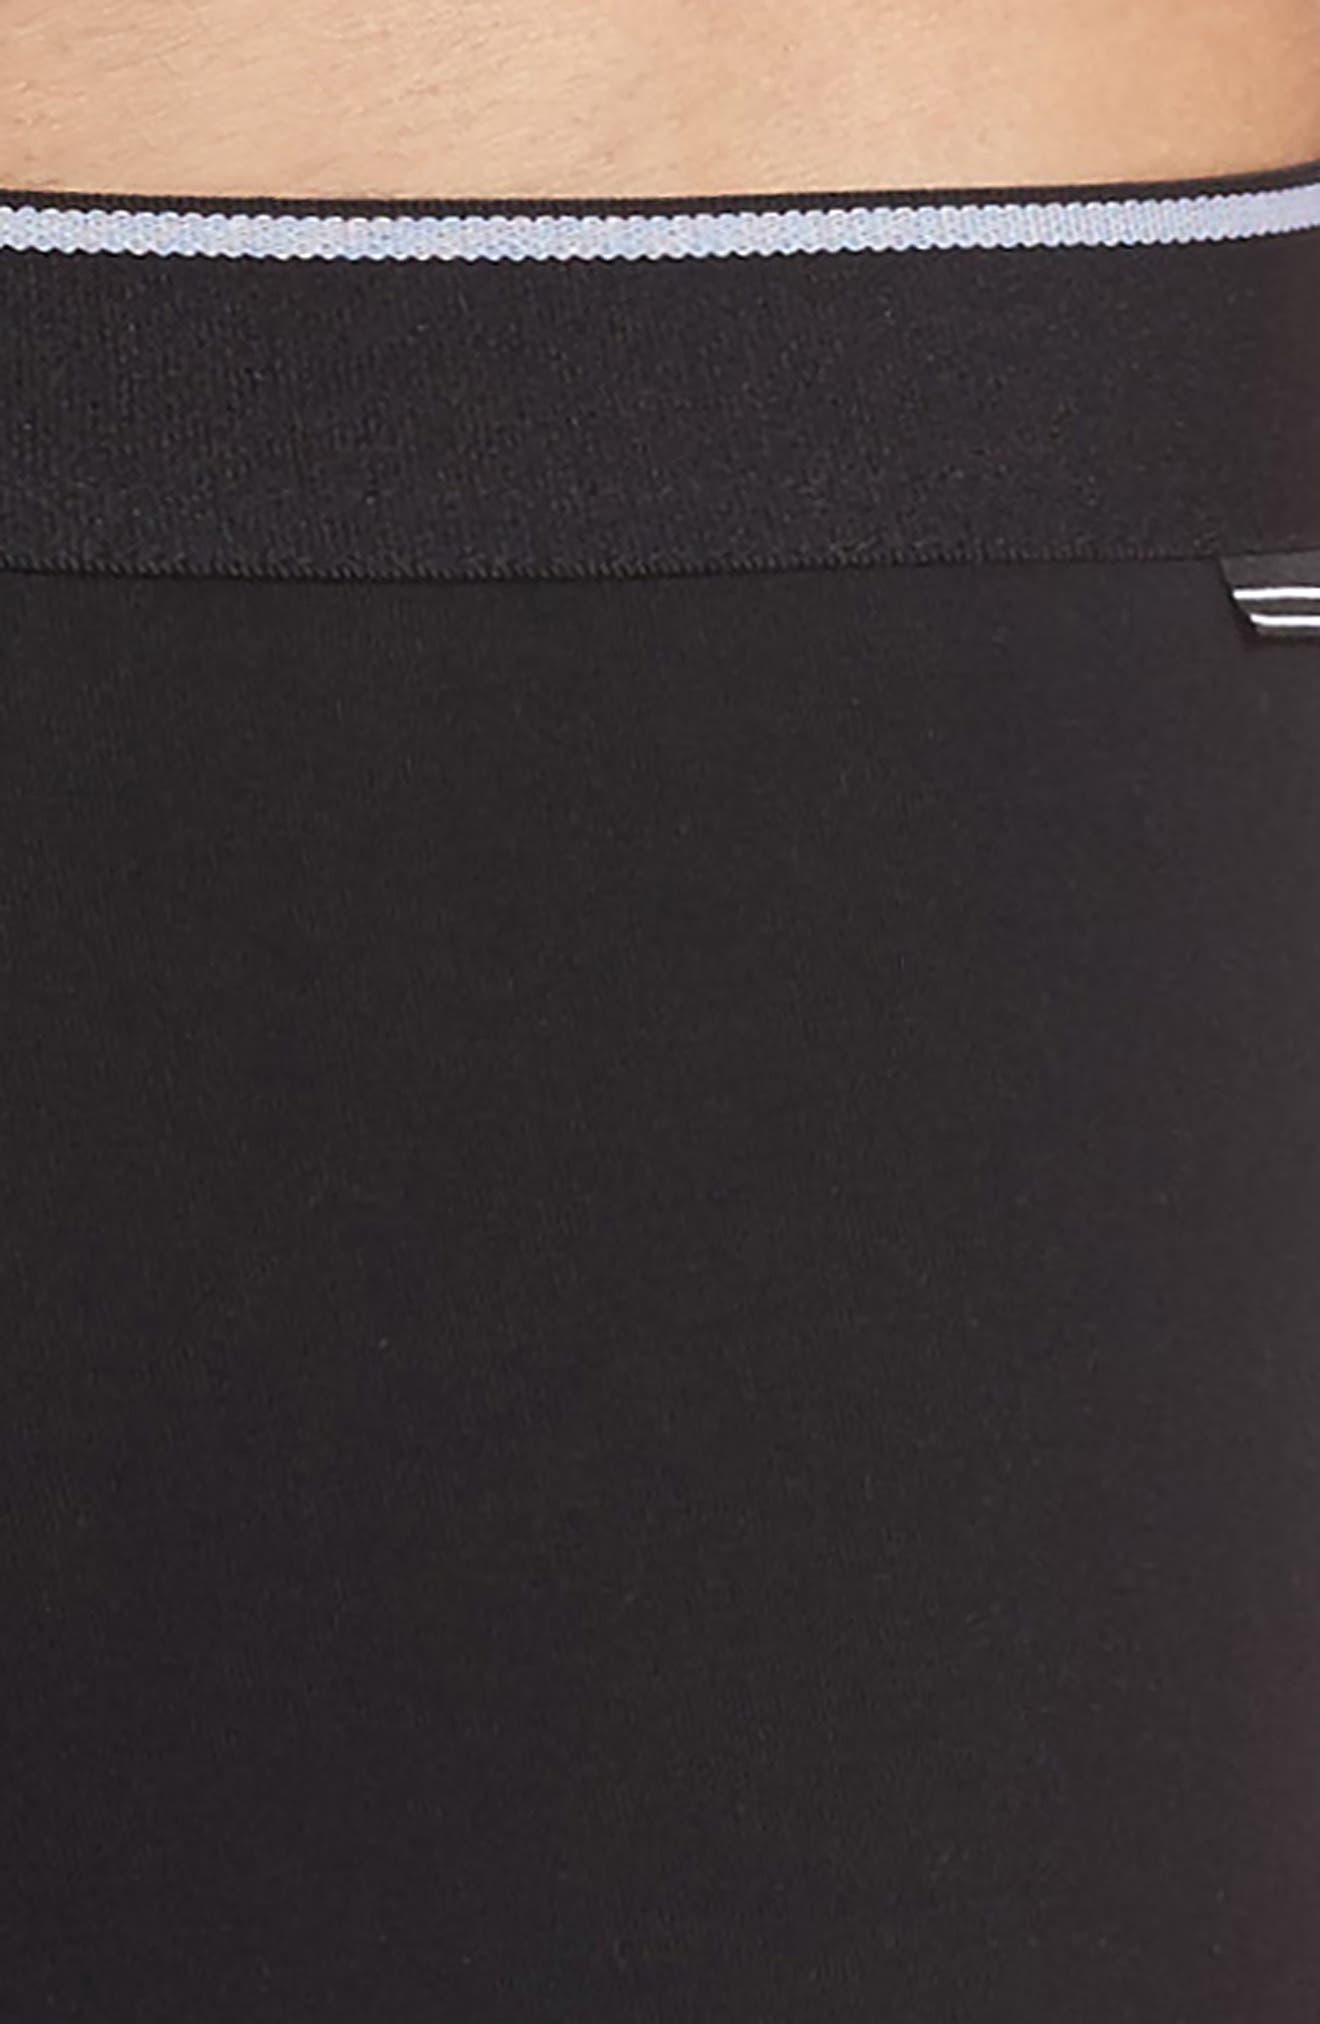 3-Pack Stretch Cotton Boxer Briefs,                             Alternate thumbnail 5, color,                             Black